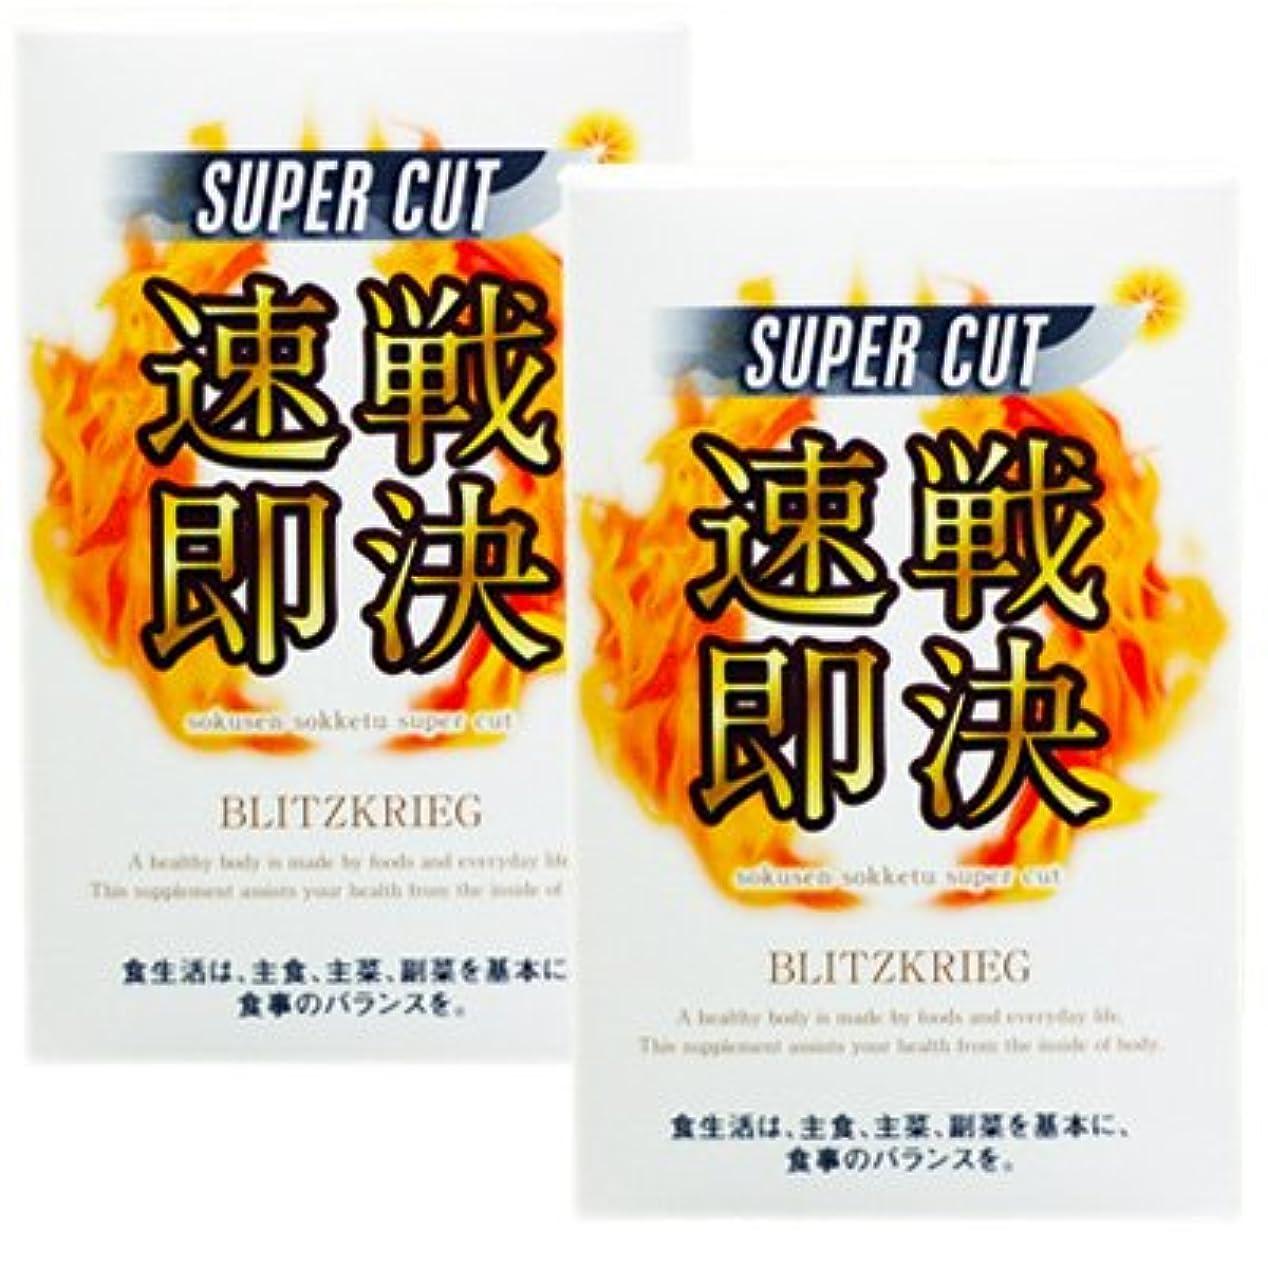 ミリメートル看板バンジョー速戦即決 スーパーカット2個セット! そくせんそっけつ×2個 SUPER CUT